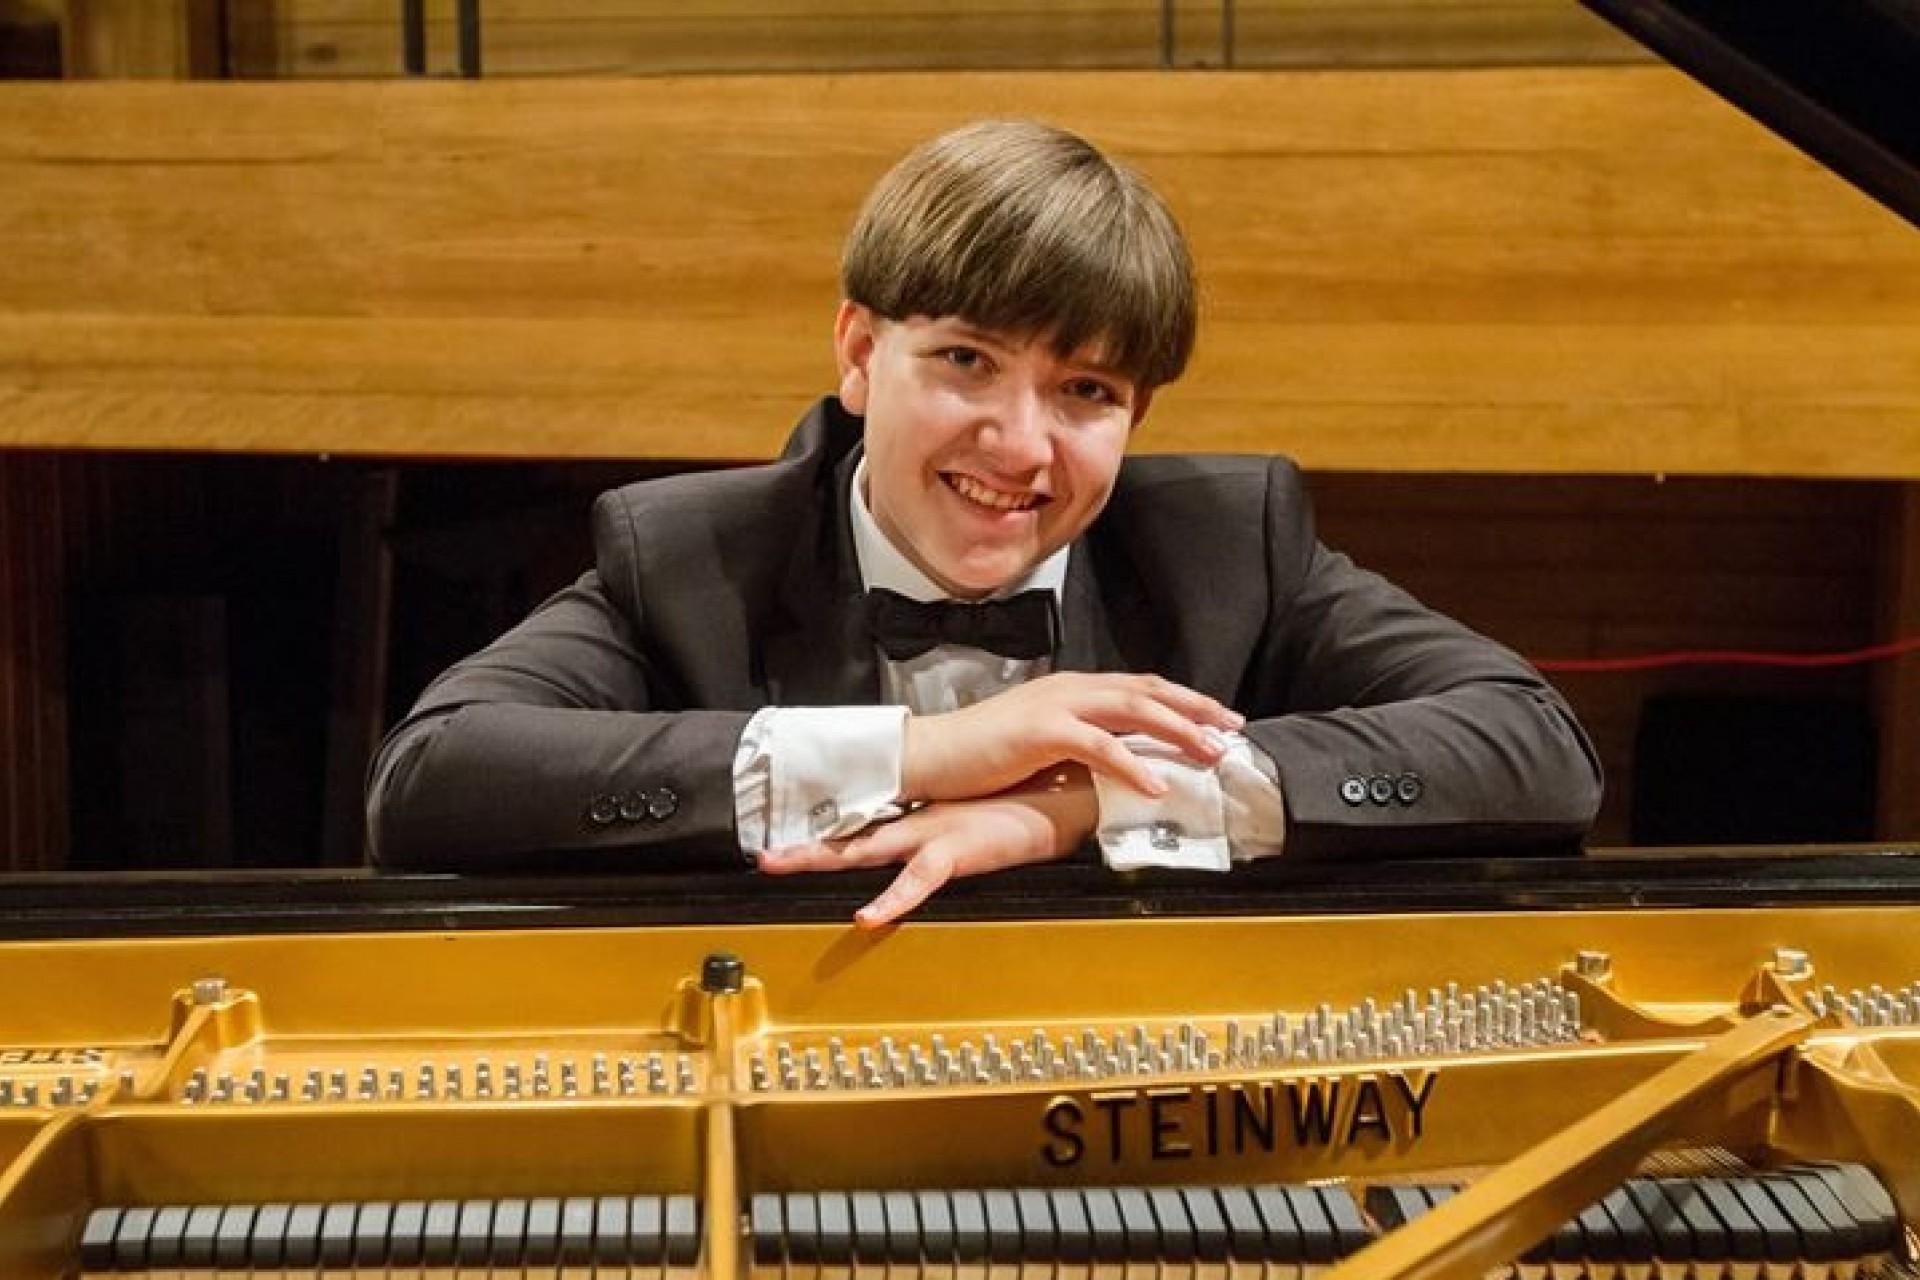 Pianista prodígio, de 15 anos, faz concerto em Medianeira amanhã dia 10